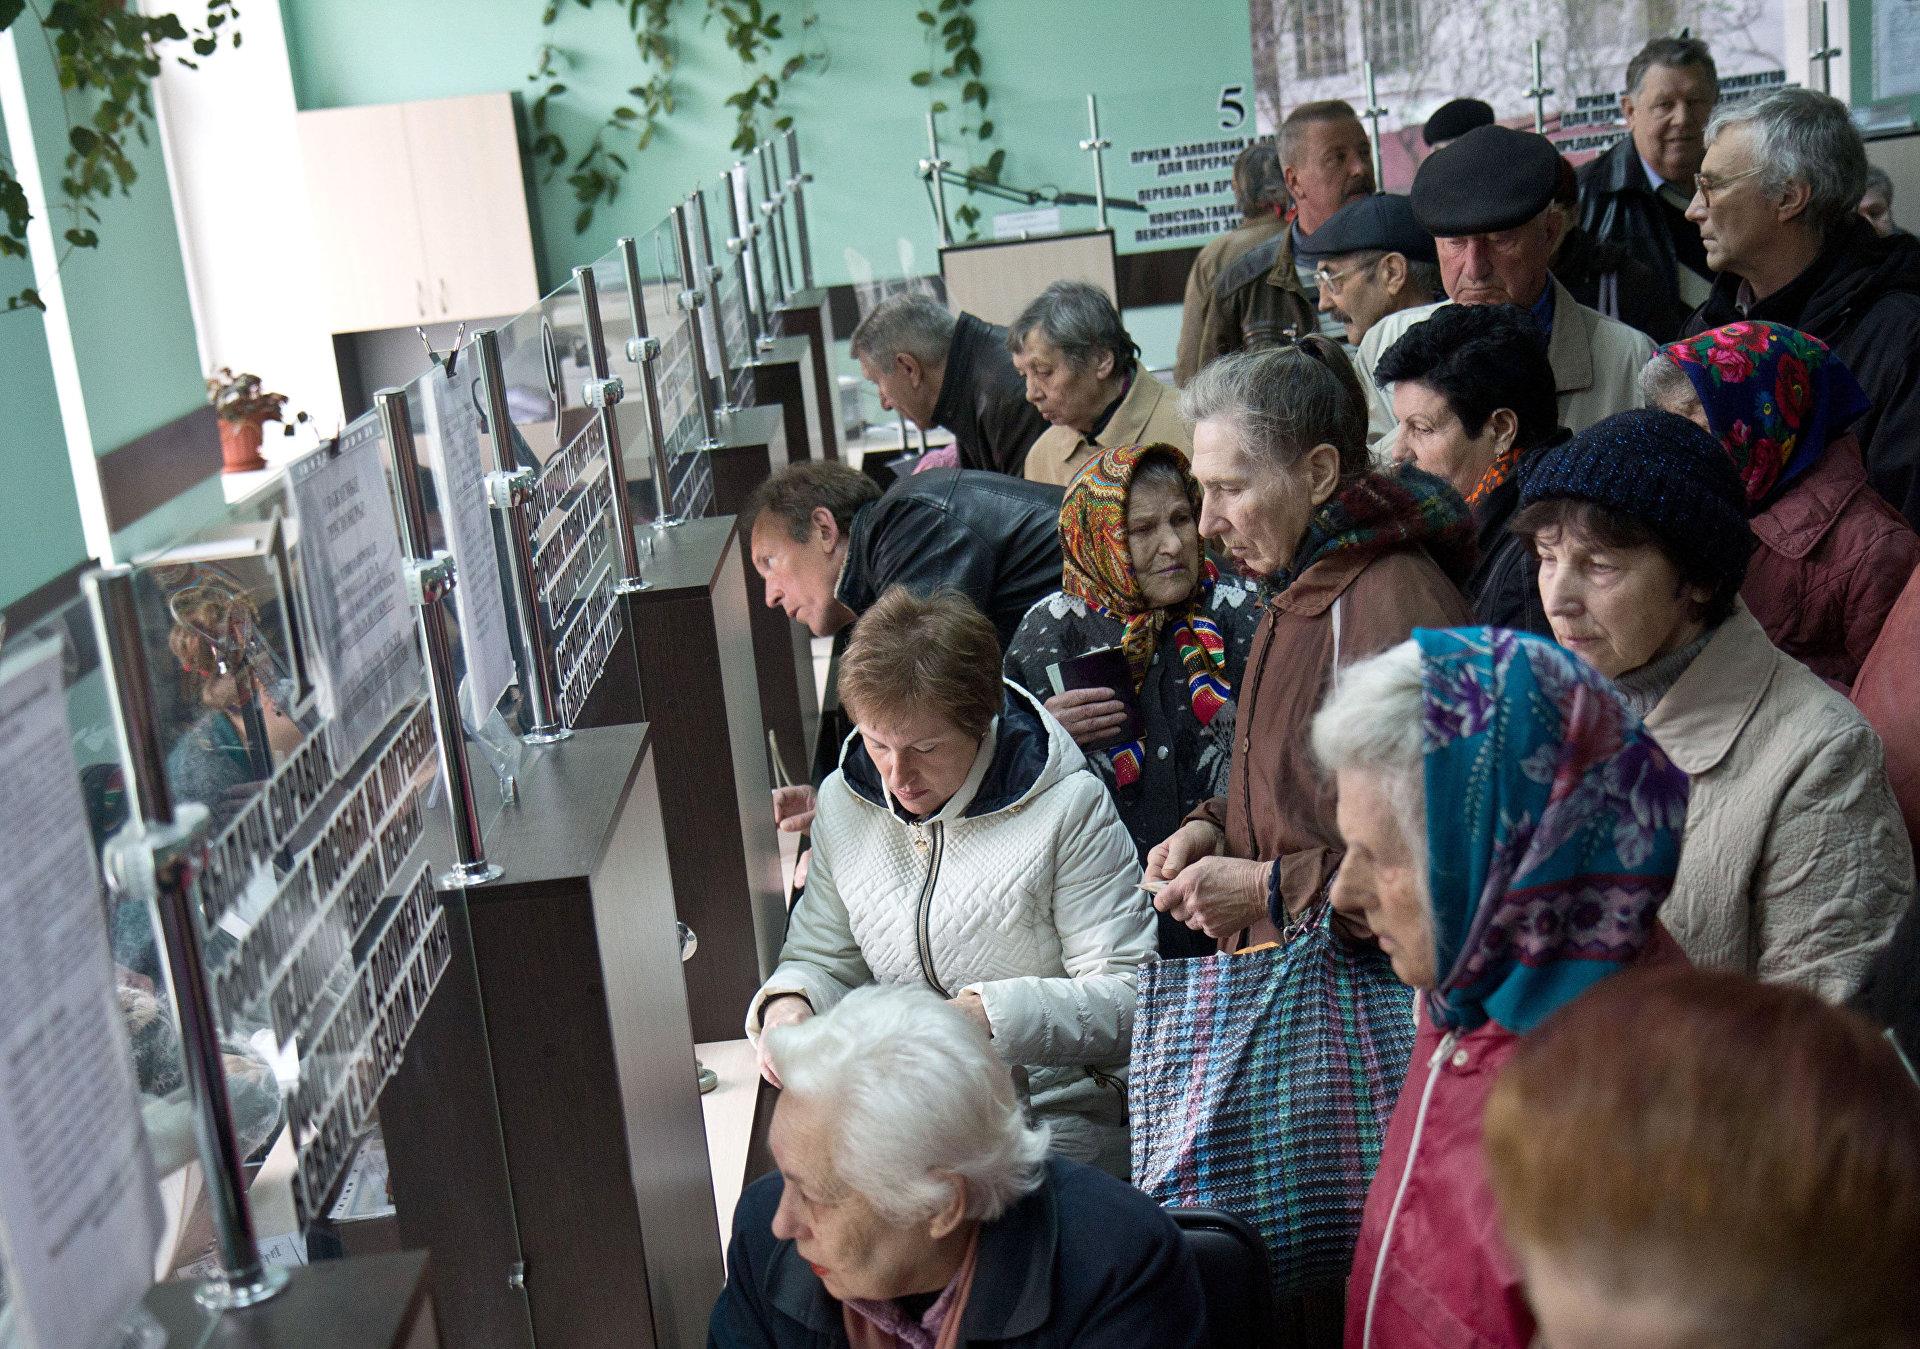 Три причины, на основании которых ПФР может законно отказать в пенсии россиянам